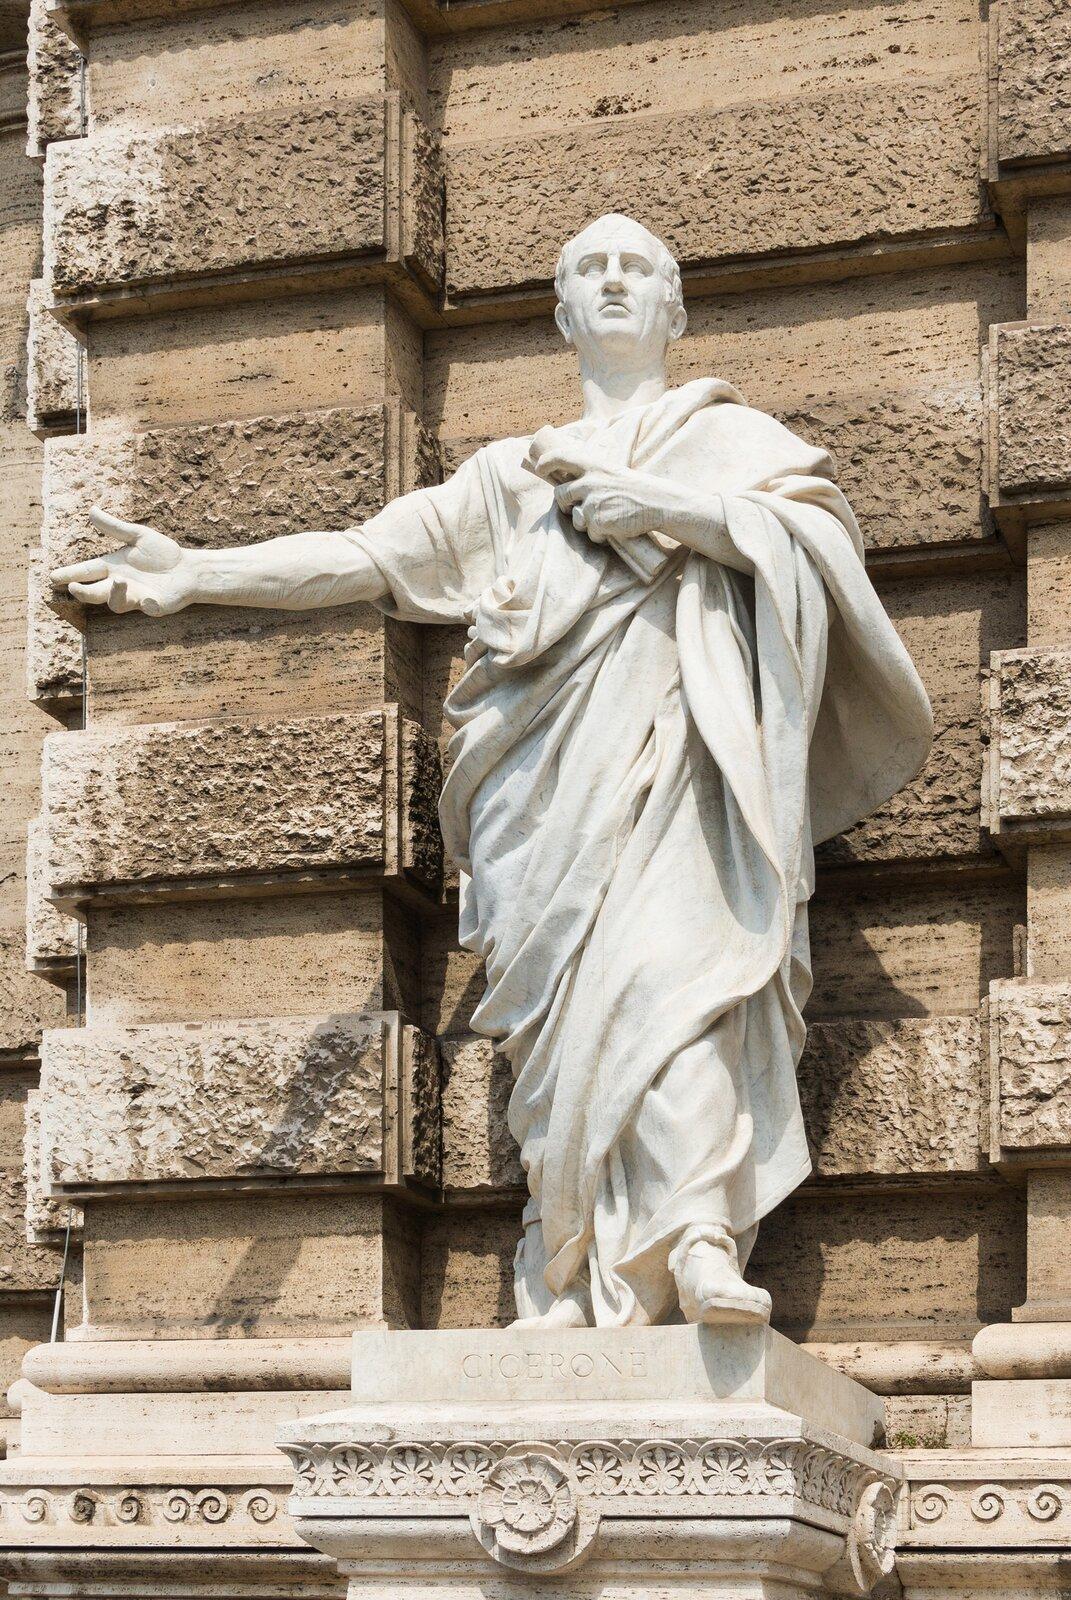 Ilustracja przedstawia pomnik Cycerona jako prawnika. Jest on wykonany zjasnego kamienia, stoi na tle kamiennej ściany. Mężczyzna odziany jest wdługie szaty. Głowę ma lekko uniesioną do góry. Jest łysy, jedynie nad uszami widnieją ślady włosów. Prawą rękę wyciągniętą ma przed siebie, wlewej przyciska do piersi zwój papirusu. Wyciągnięta lewa stopa sugeruje ruch. Posąg ustawiony jest na postumencie, na którym widnieje napis CICERONE.